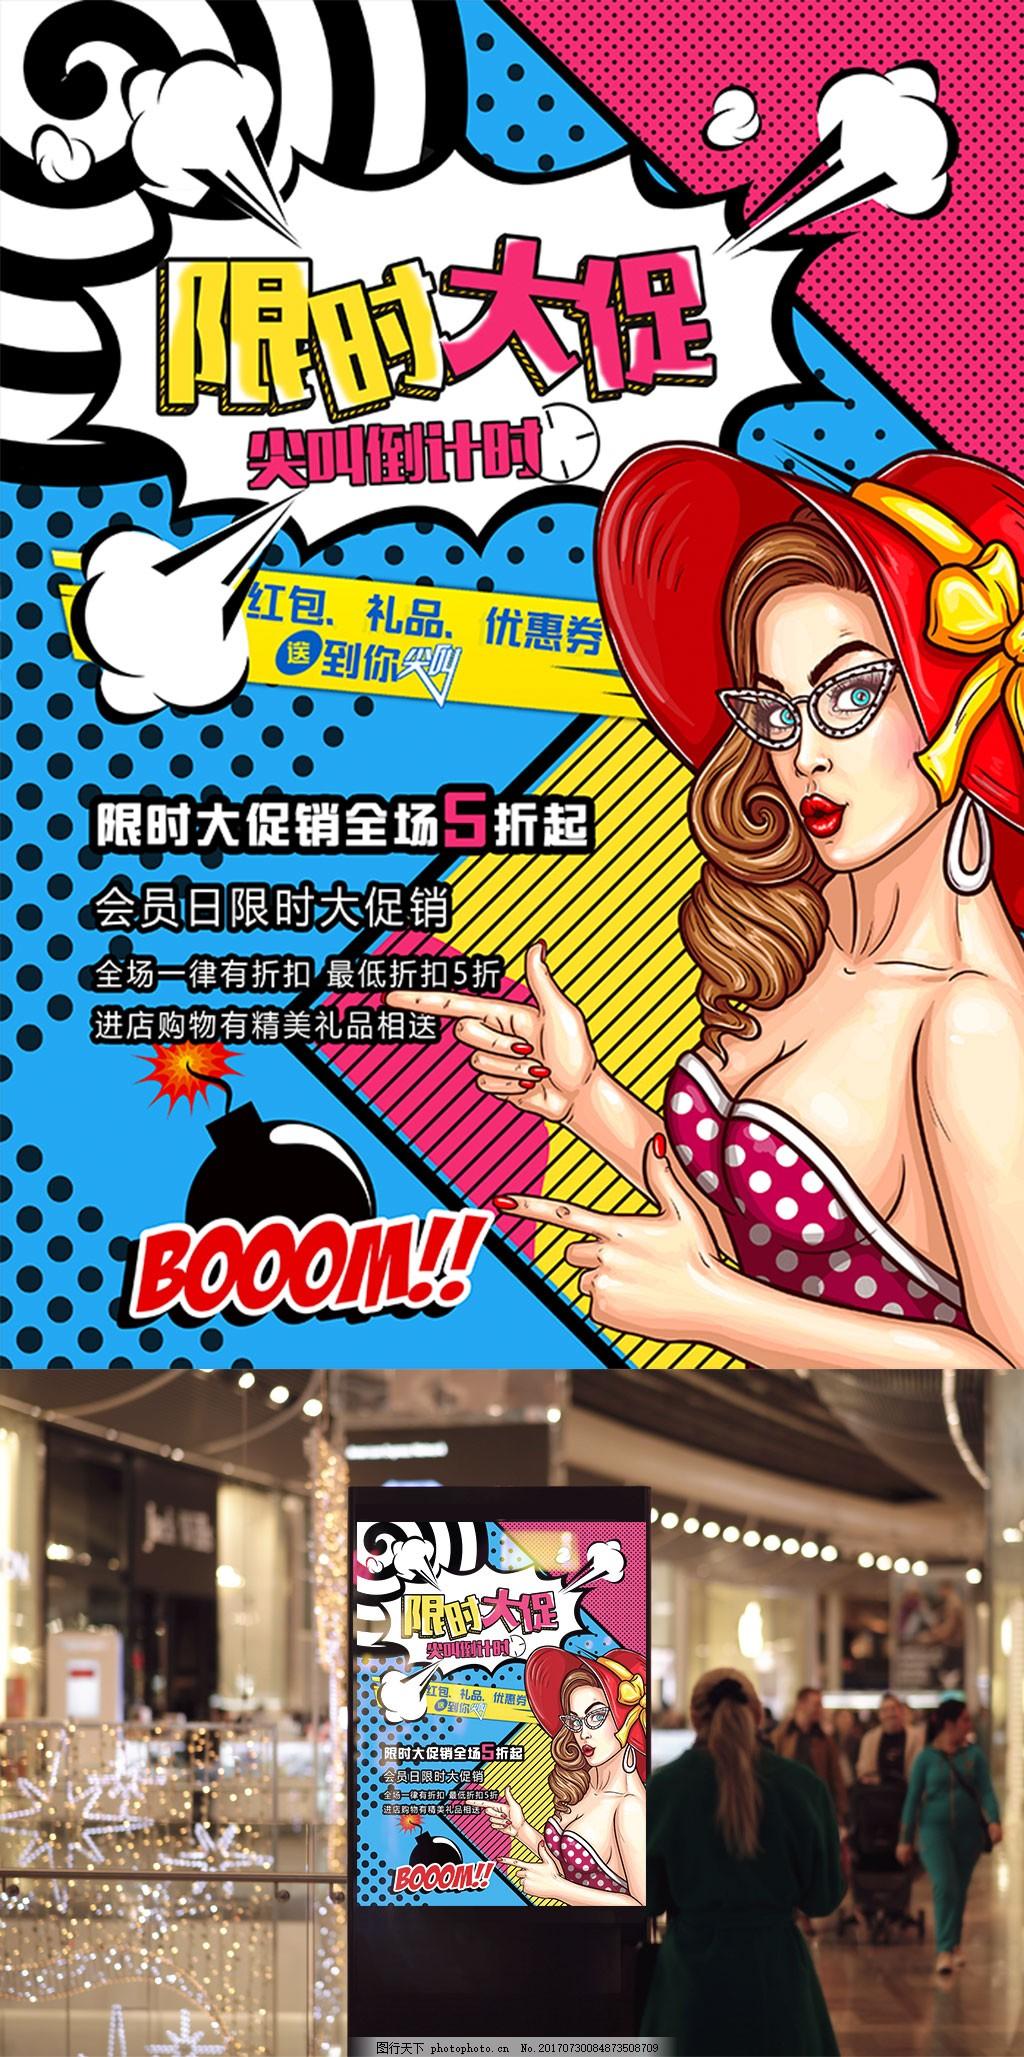 创意波普风限时大促活动海报 清仓 季末清仓 打折 女装促销 夏季促销